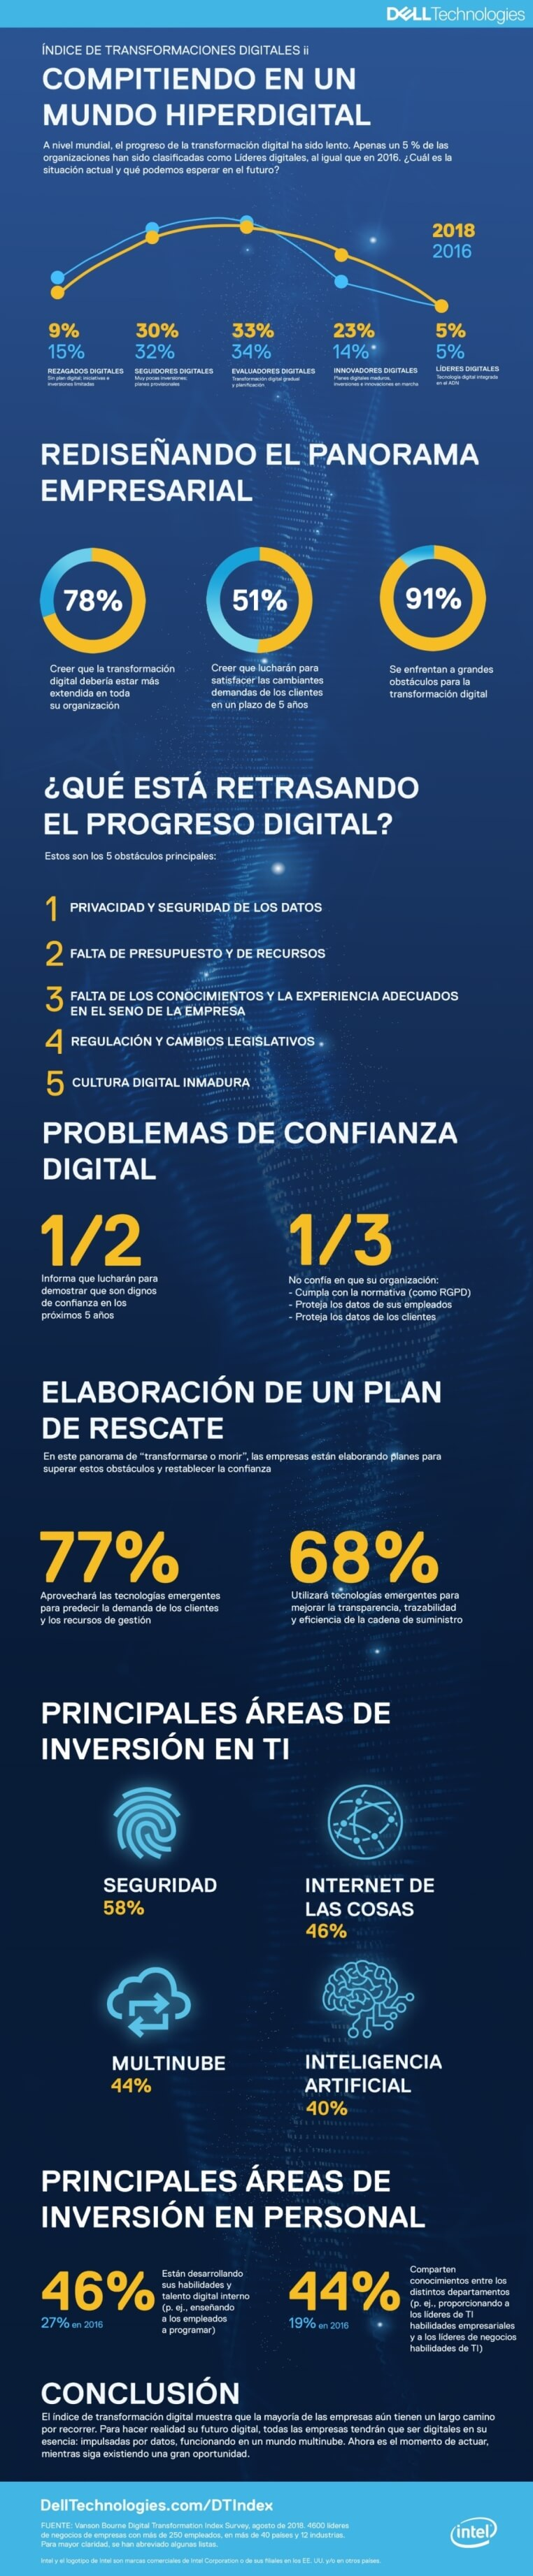 Infografia_Dell